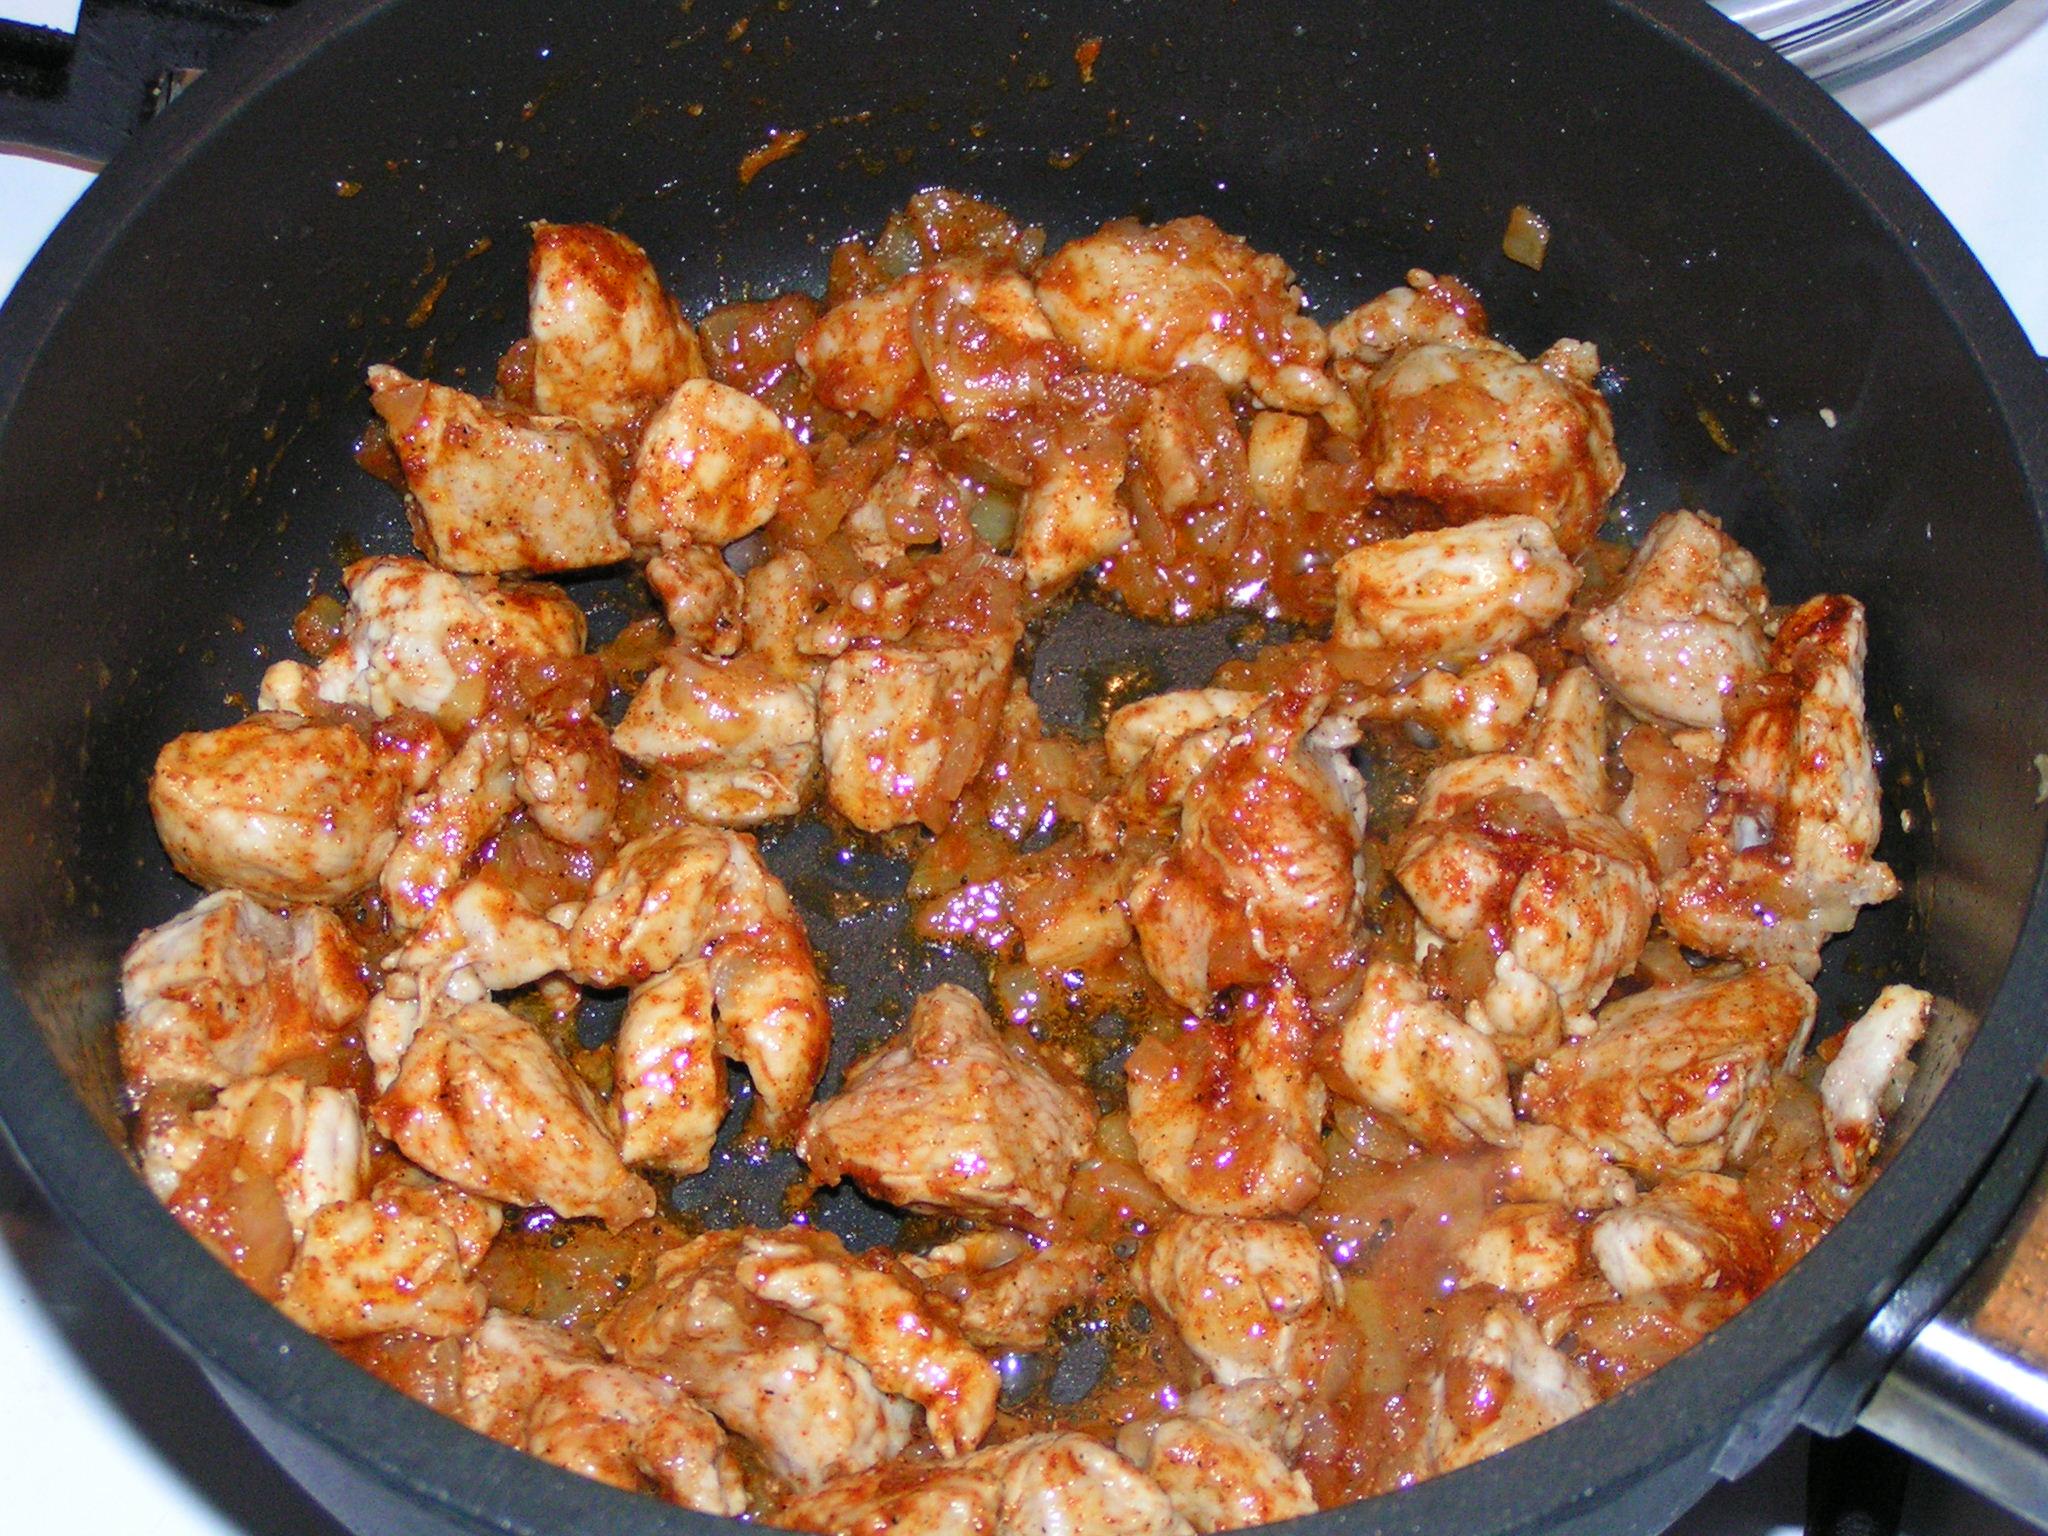 Recept Maďarský guláš 1 - Maso se již zatáhlo, přidáme papriku a česnek a restujeme.